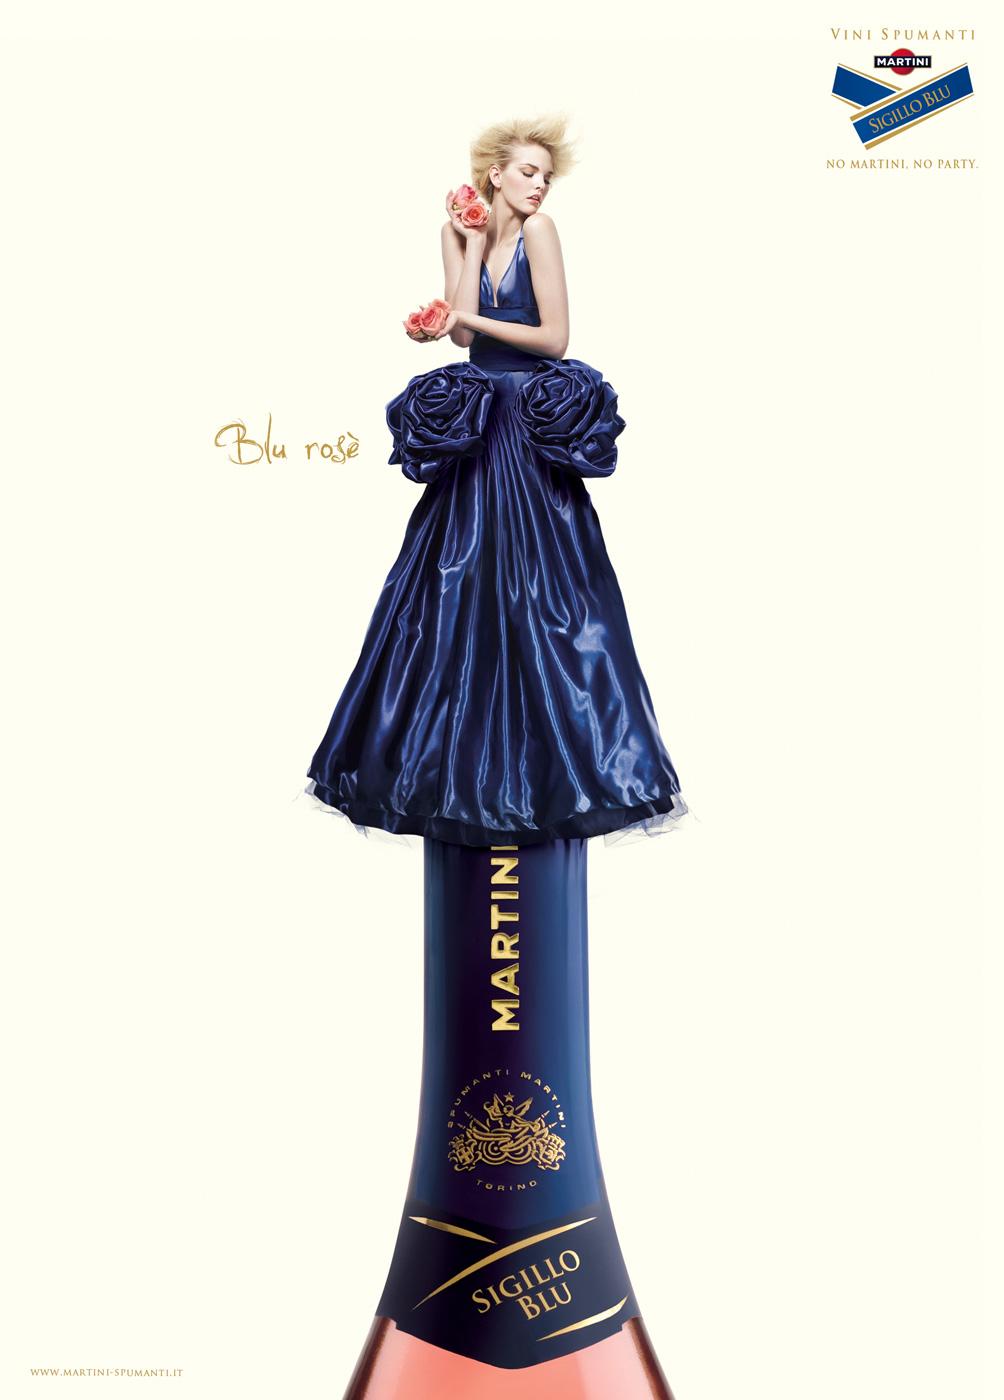 MARTINI : blu rose